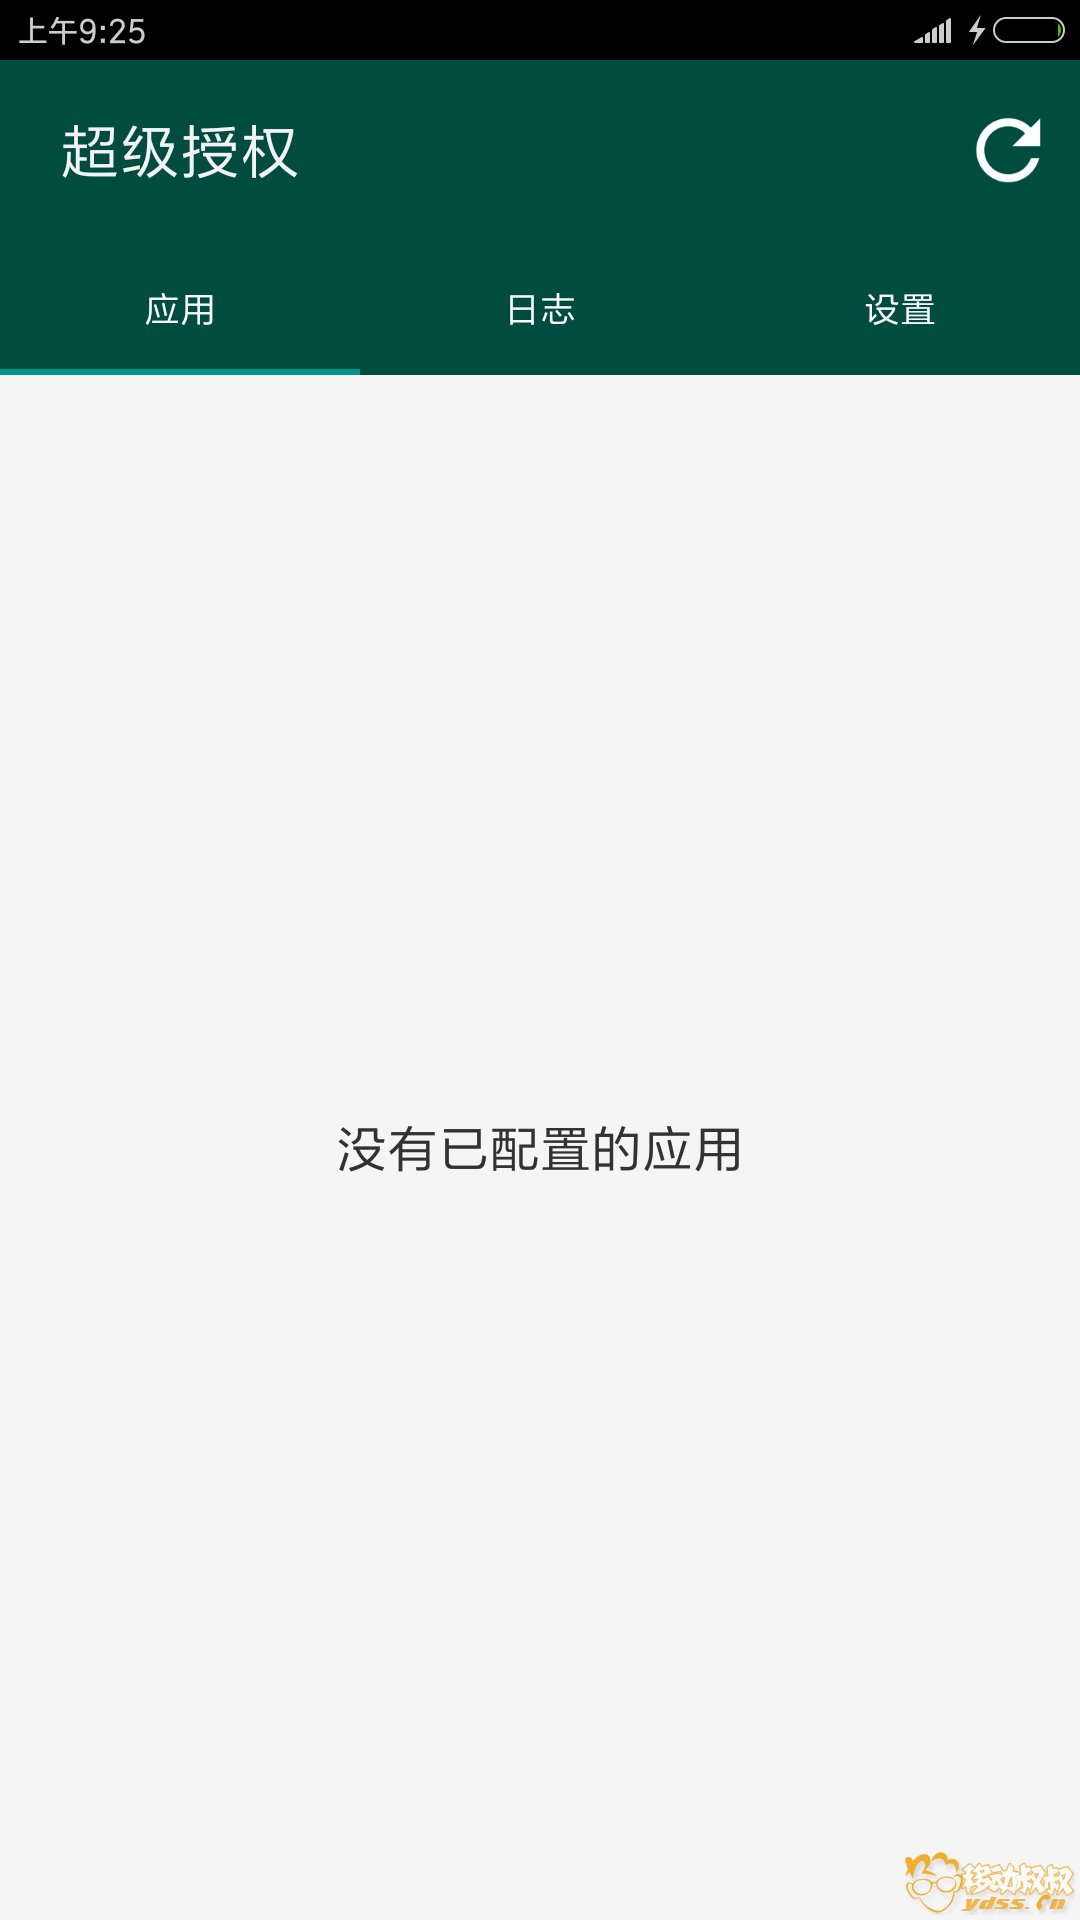 Screenshot_2018-02-12-09-25-24-260_eu.chianfire.supersu.png